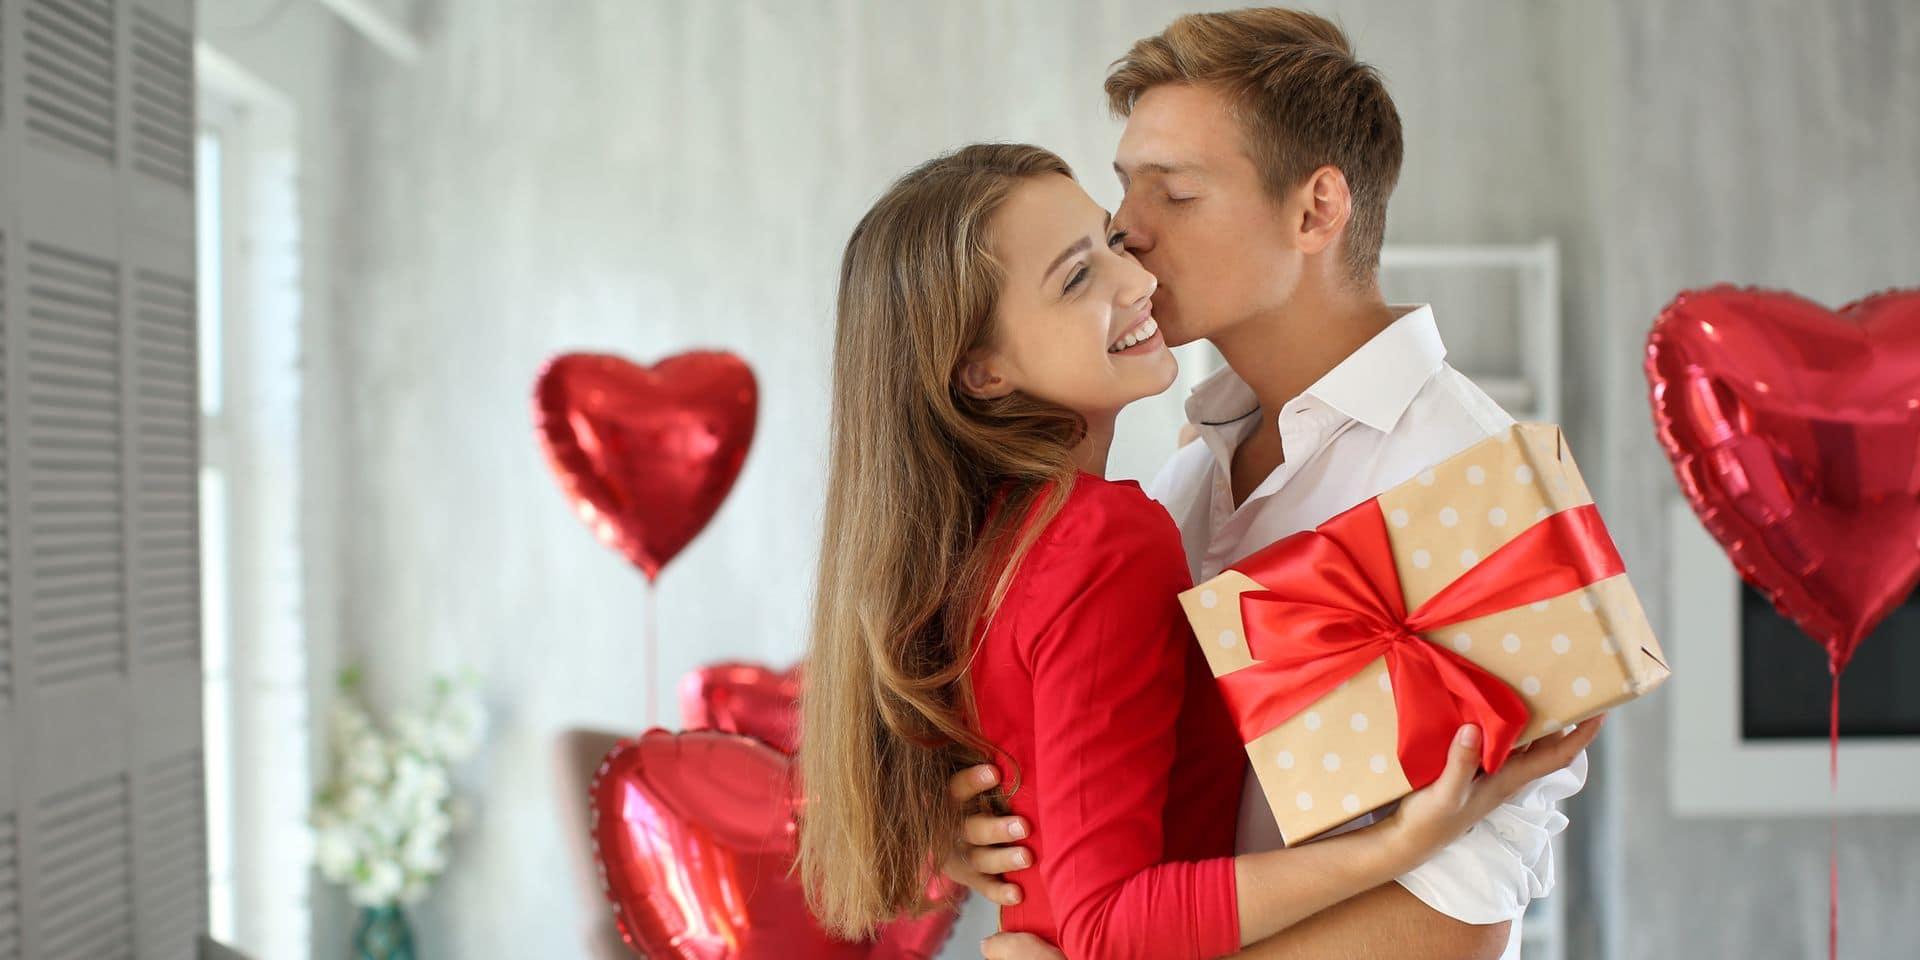 """La Saint-Valentin, boudée par les jeunes: """"C'est complètement dépassé"""""""